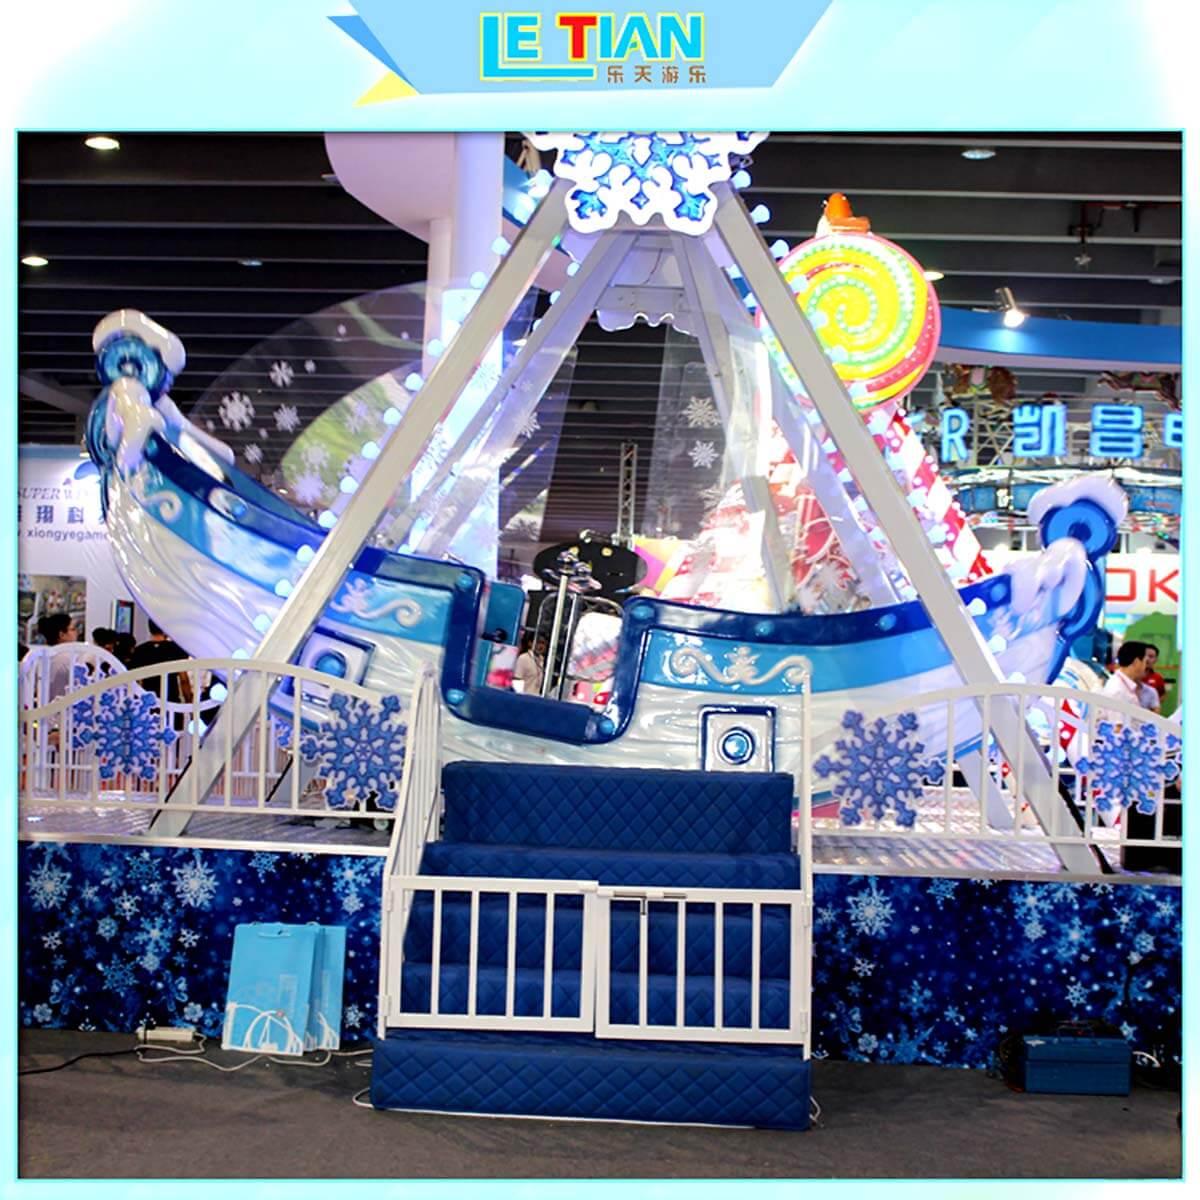 LETIAN lt7060 kiddie rides for sale tourists theme park-2